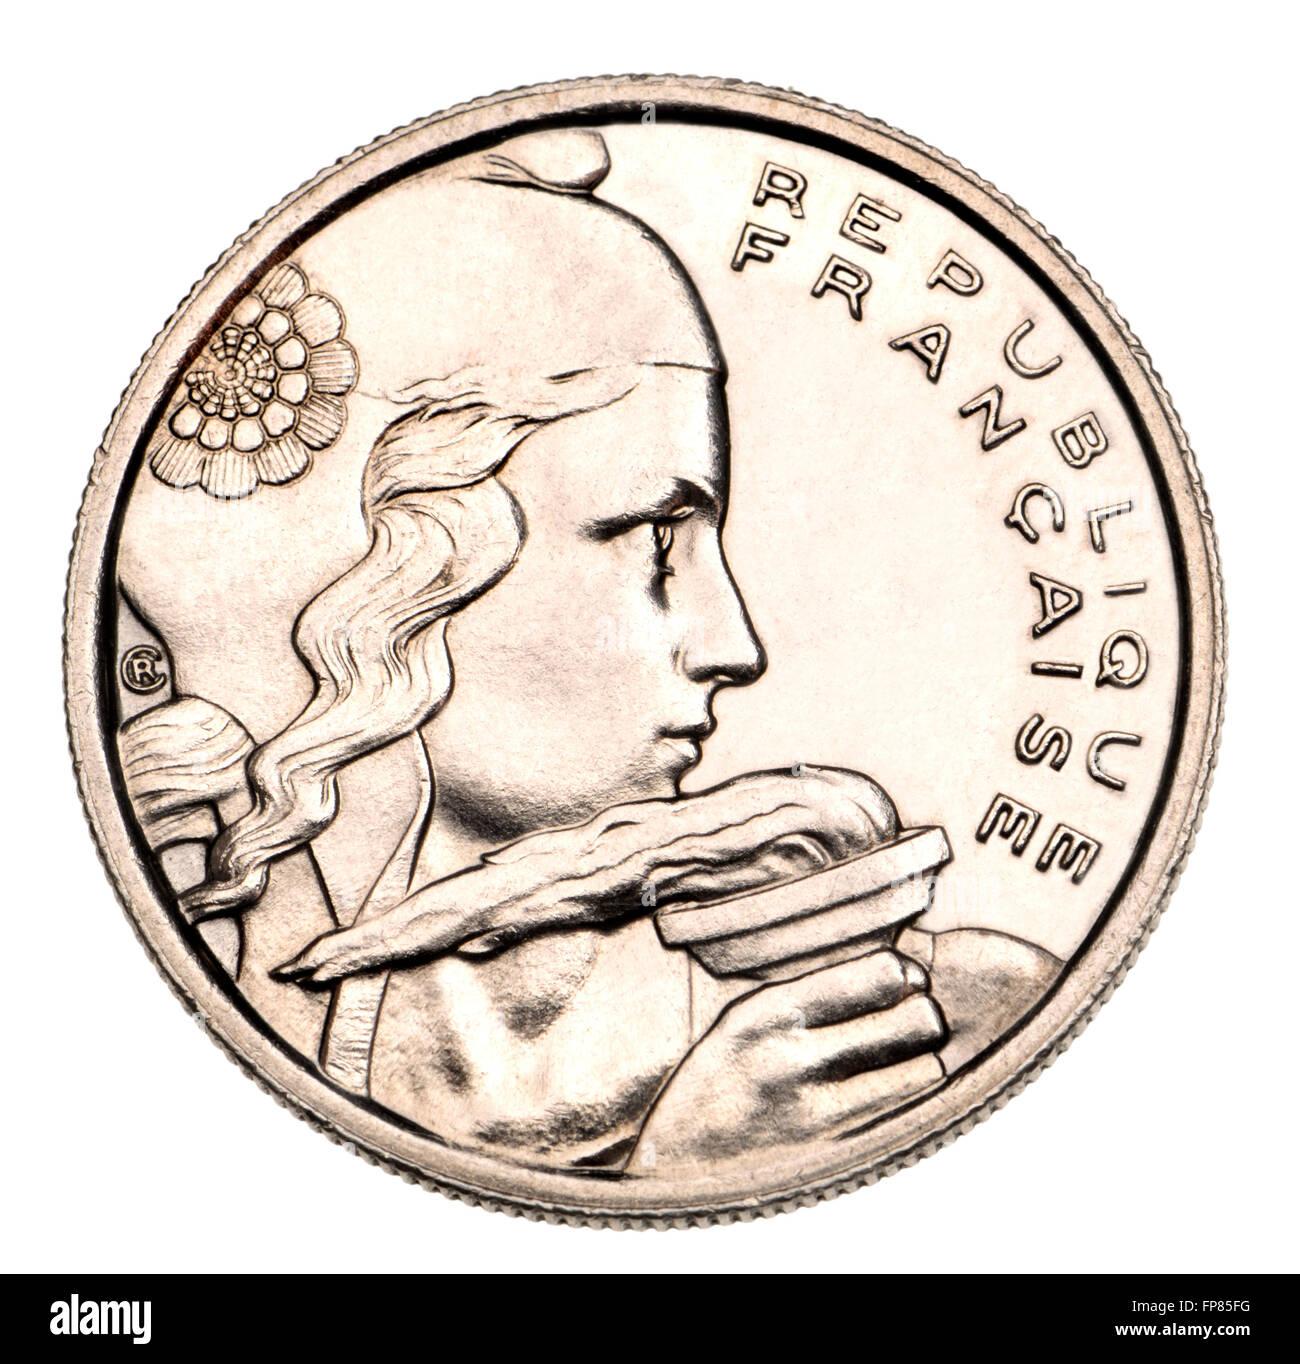 Moneta francese - 100F, 1955, mostrando la libertà tenendo una torcia [pulite digitalmente up] Immagini Stock